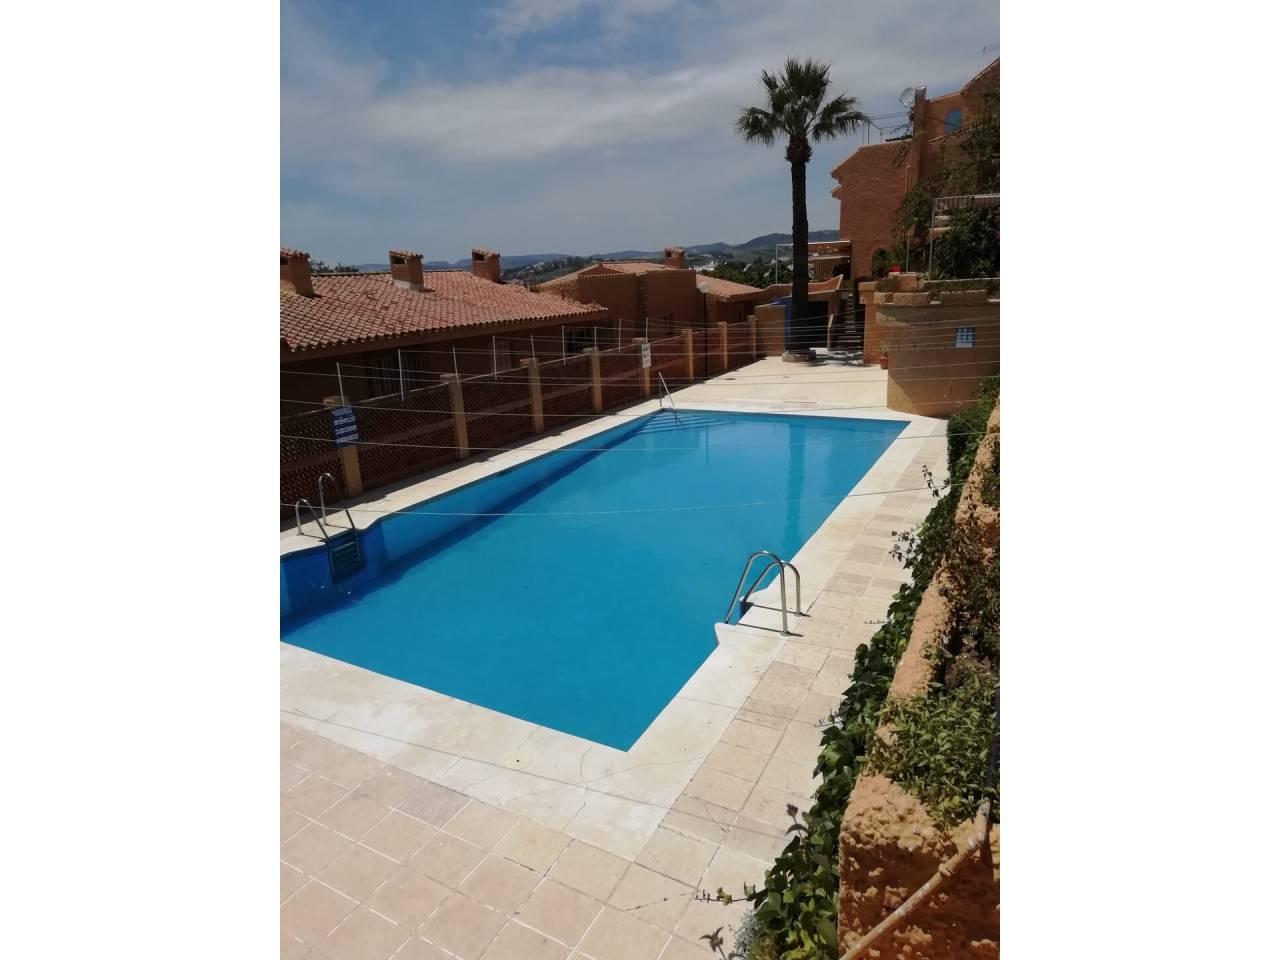 Apartamento en venta en Estepona en La Gaspara-Bahía Dorada-Buenas Noches, Calle: Avda del carmen , punta doncella